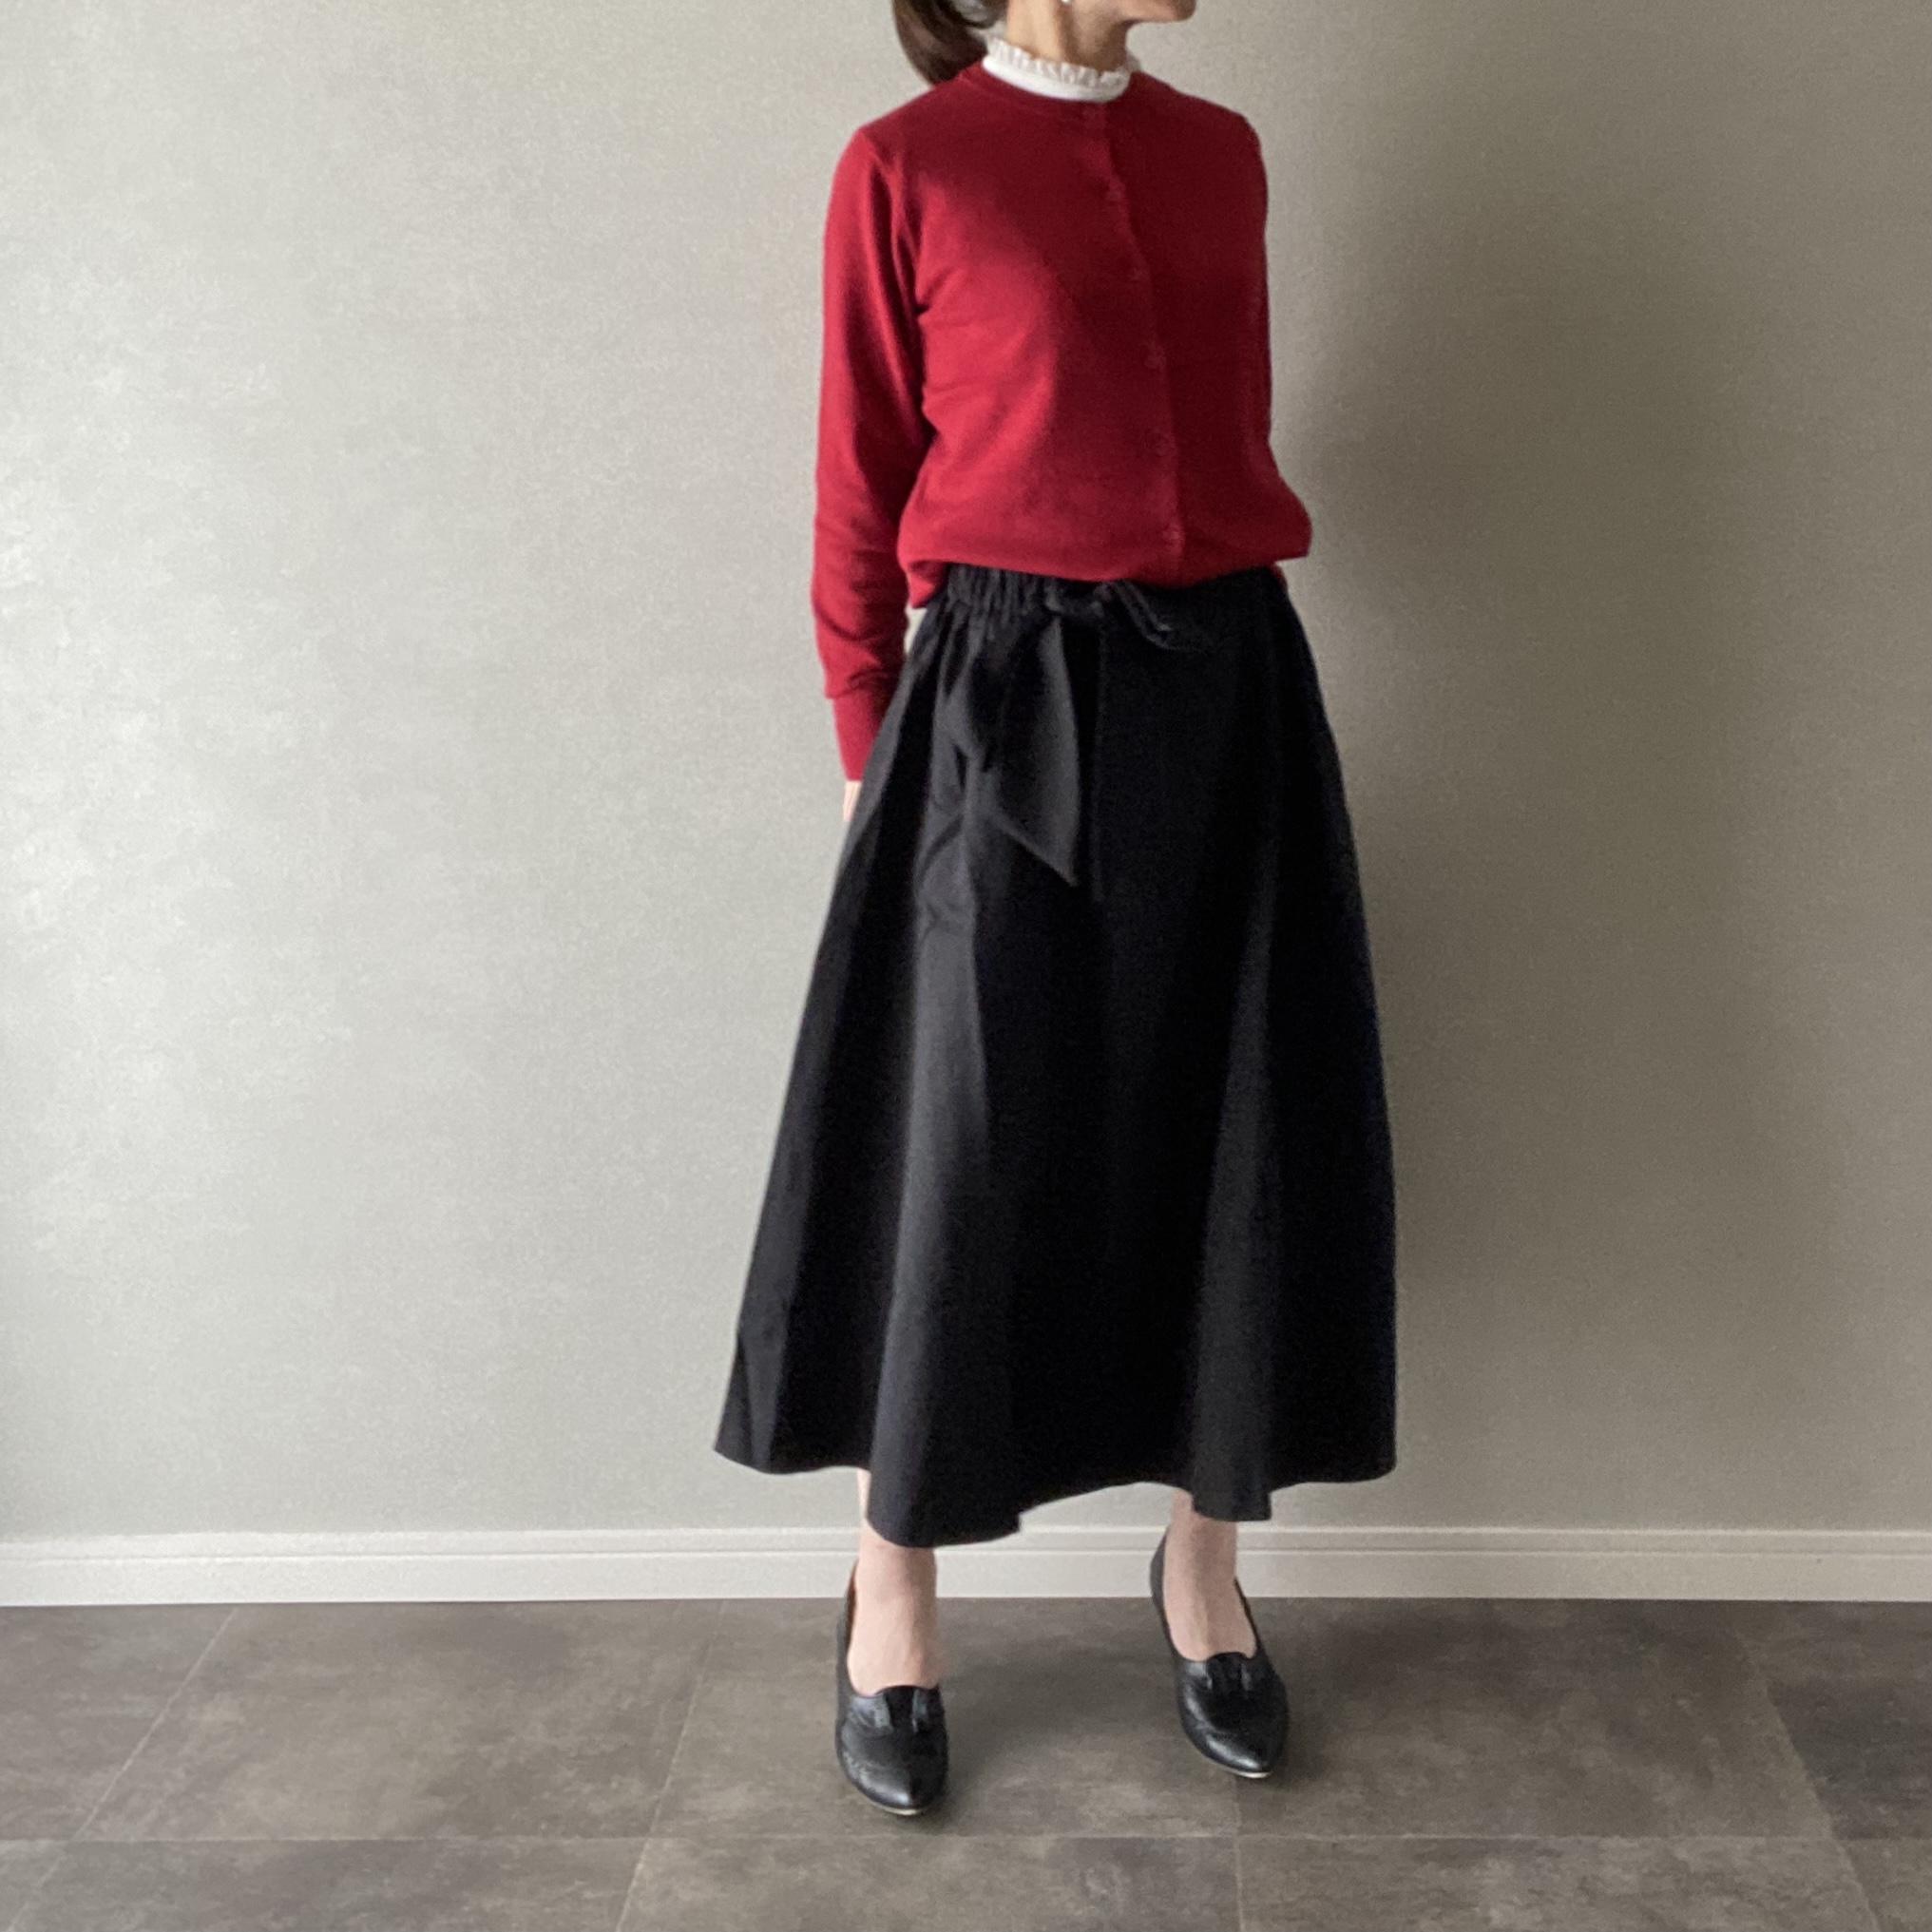 スカート フレア リボン付き ウエストゴム  ブラック Mサイズ【12909107】